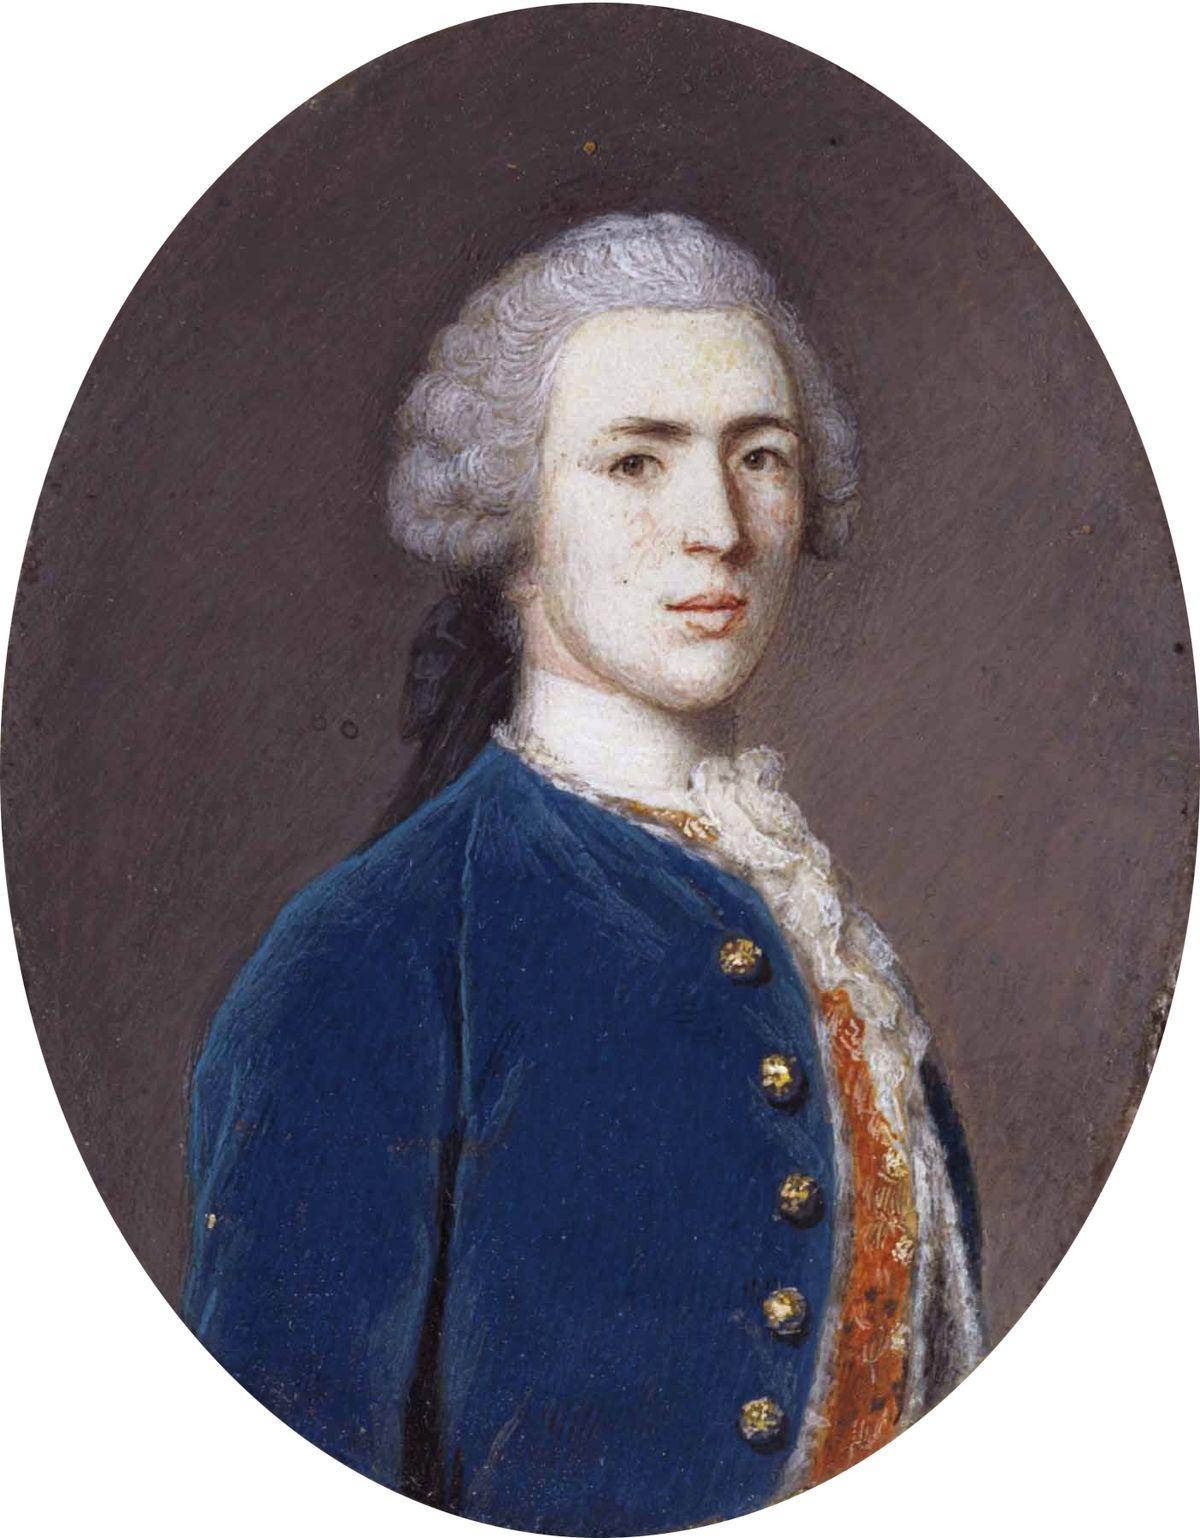 george walpole 3rd earl of orford wikipedia